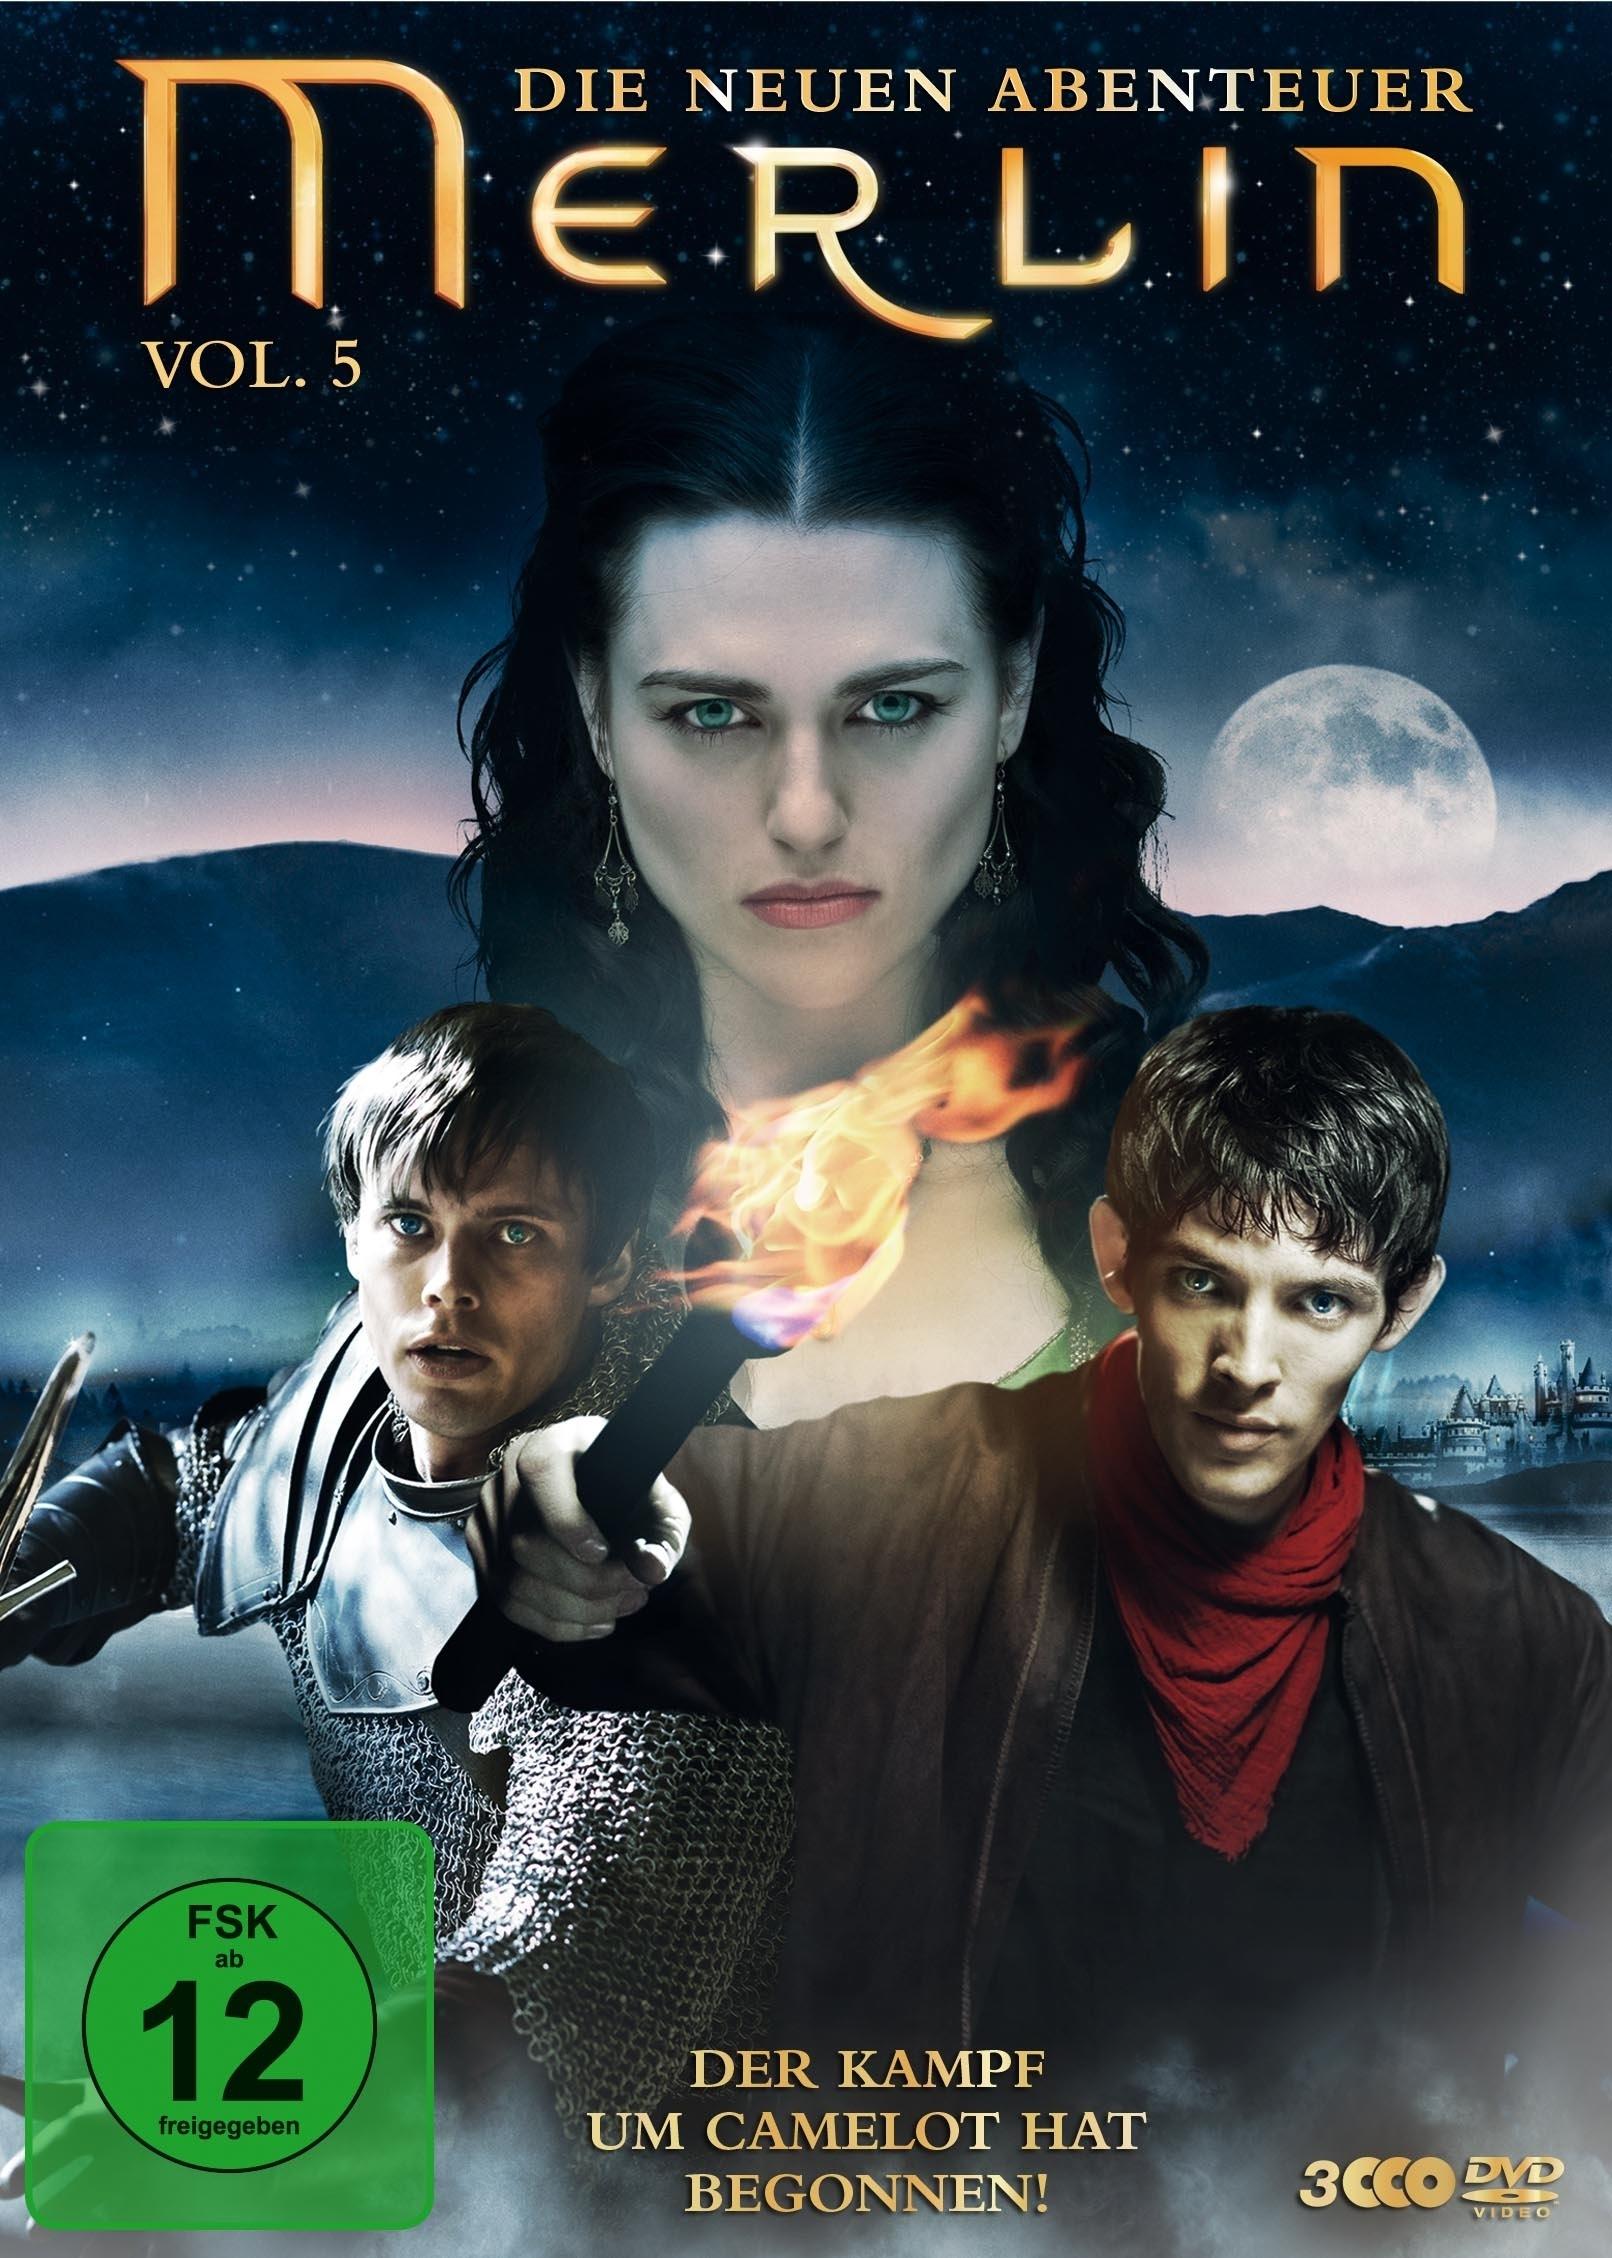 Image of Merlin - Die neuen Abenteuer Vol. 5